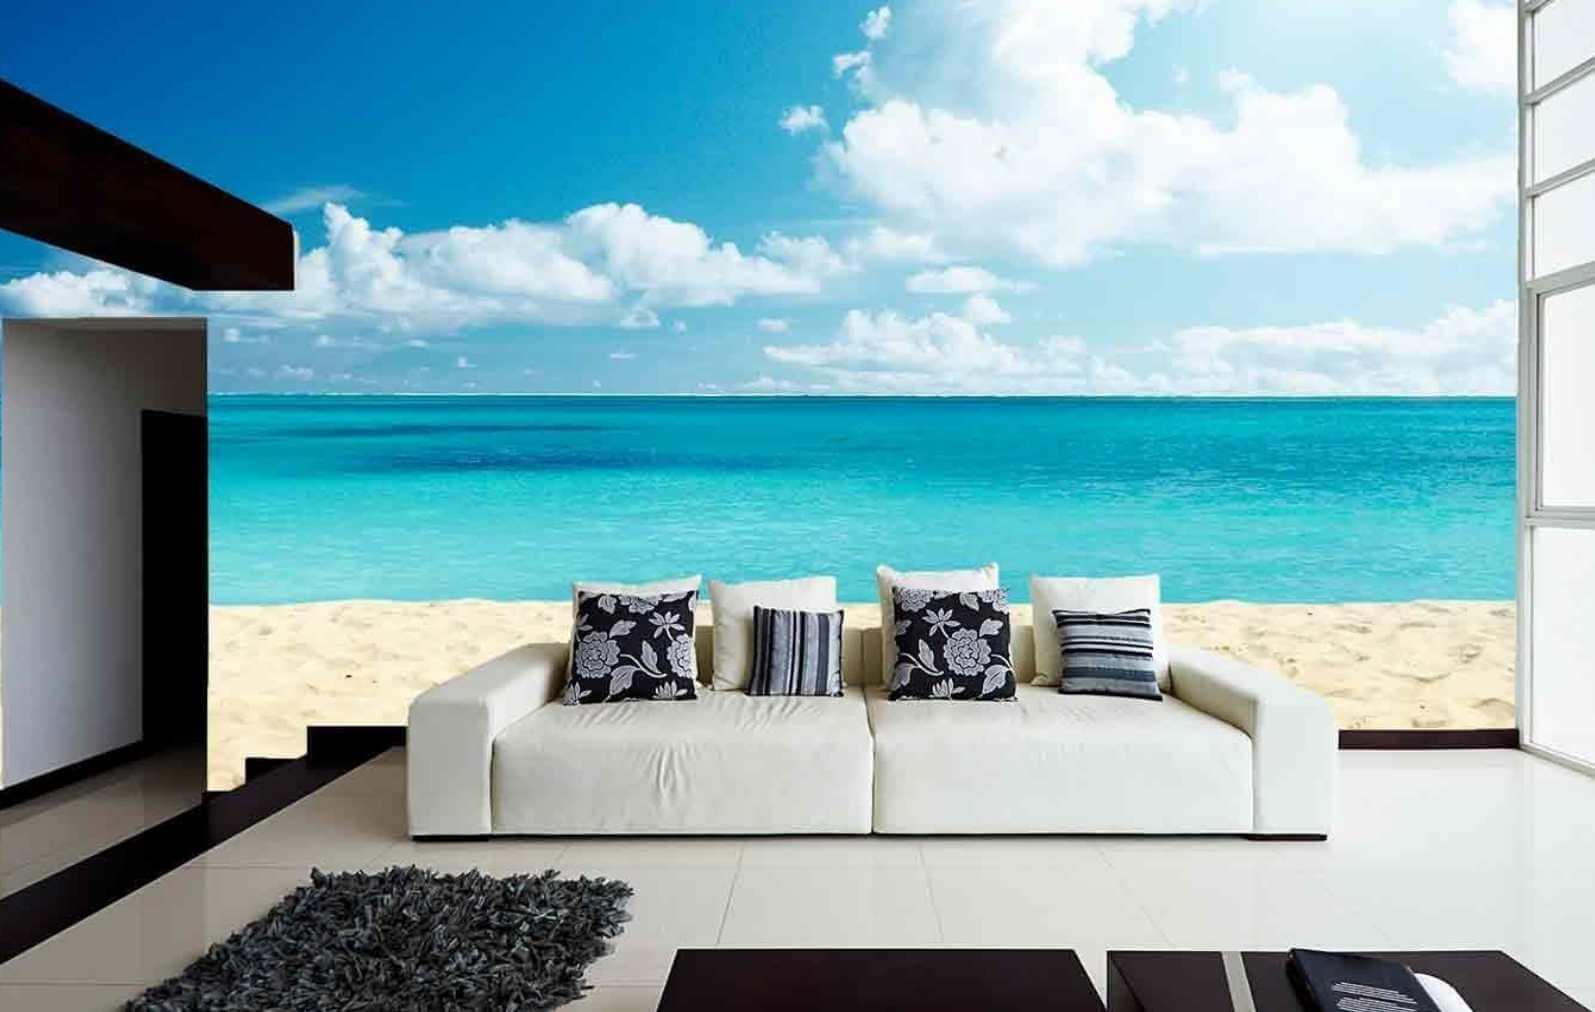 Paredes decoradas con playa